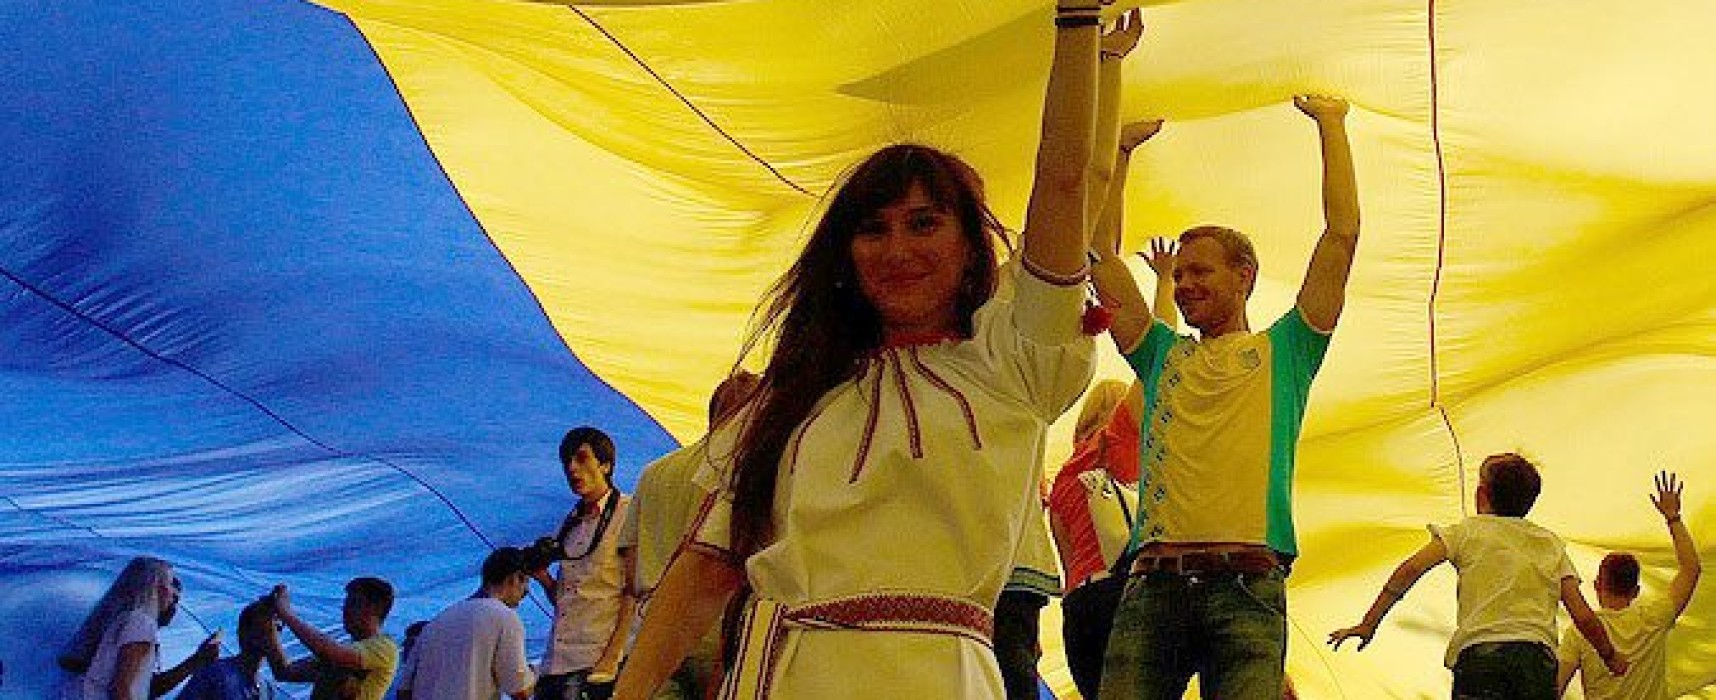 Ucraina direzione Napoli, ai bambini con amore